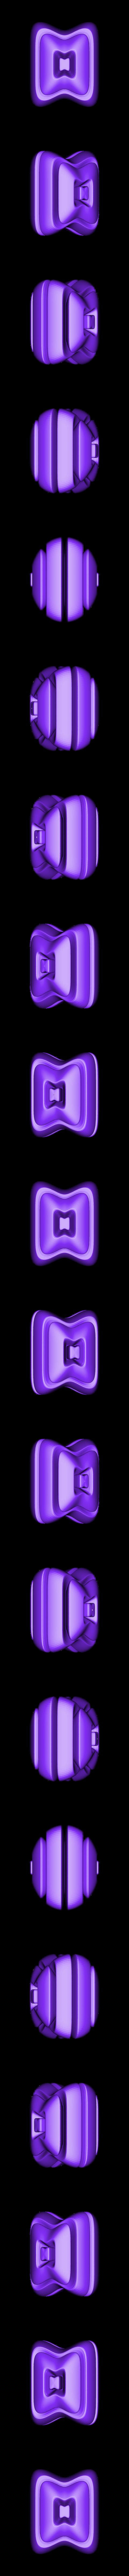 shape5.stl Télécharger fichier STL gratuit Supershape Madness • Plan à imprimer en 3D, ferjerez3d